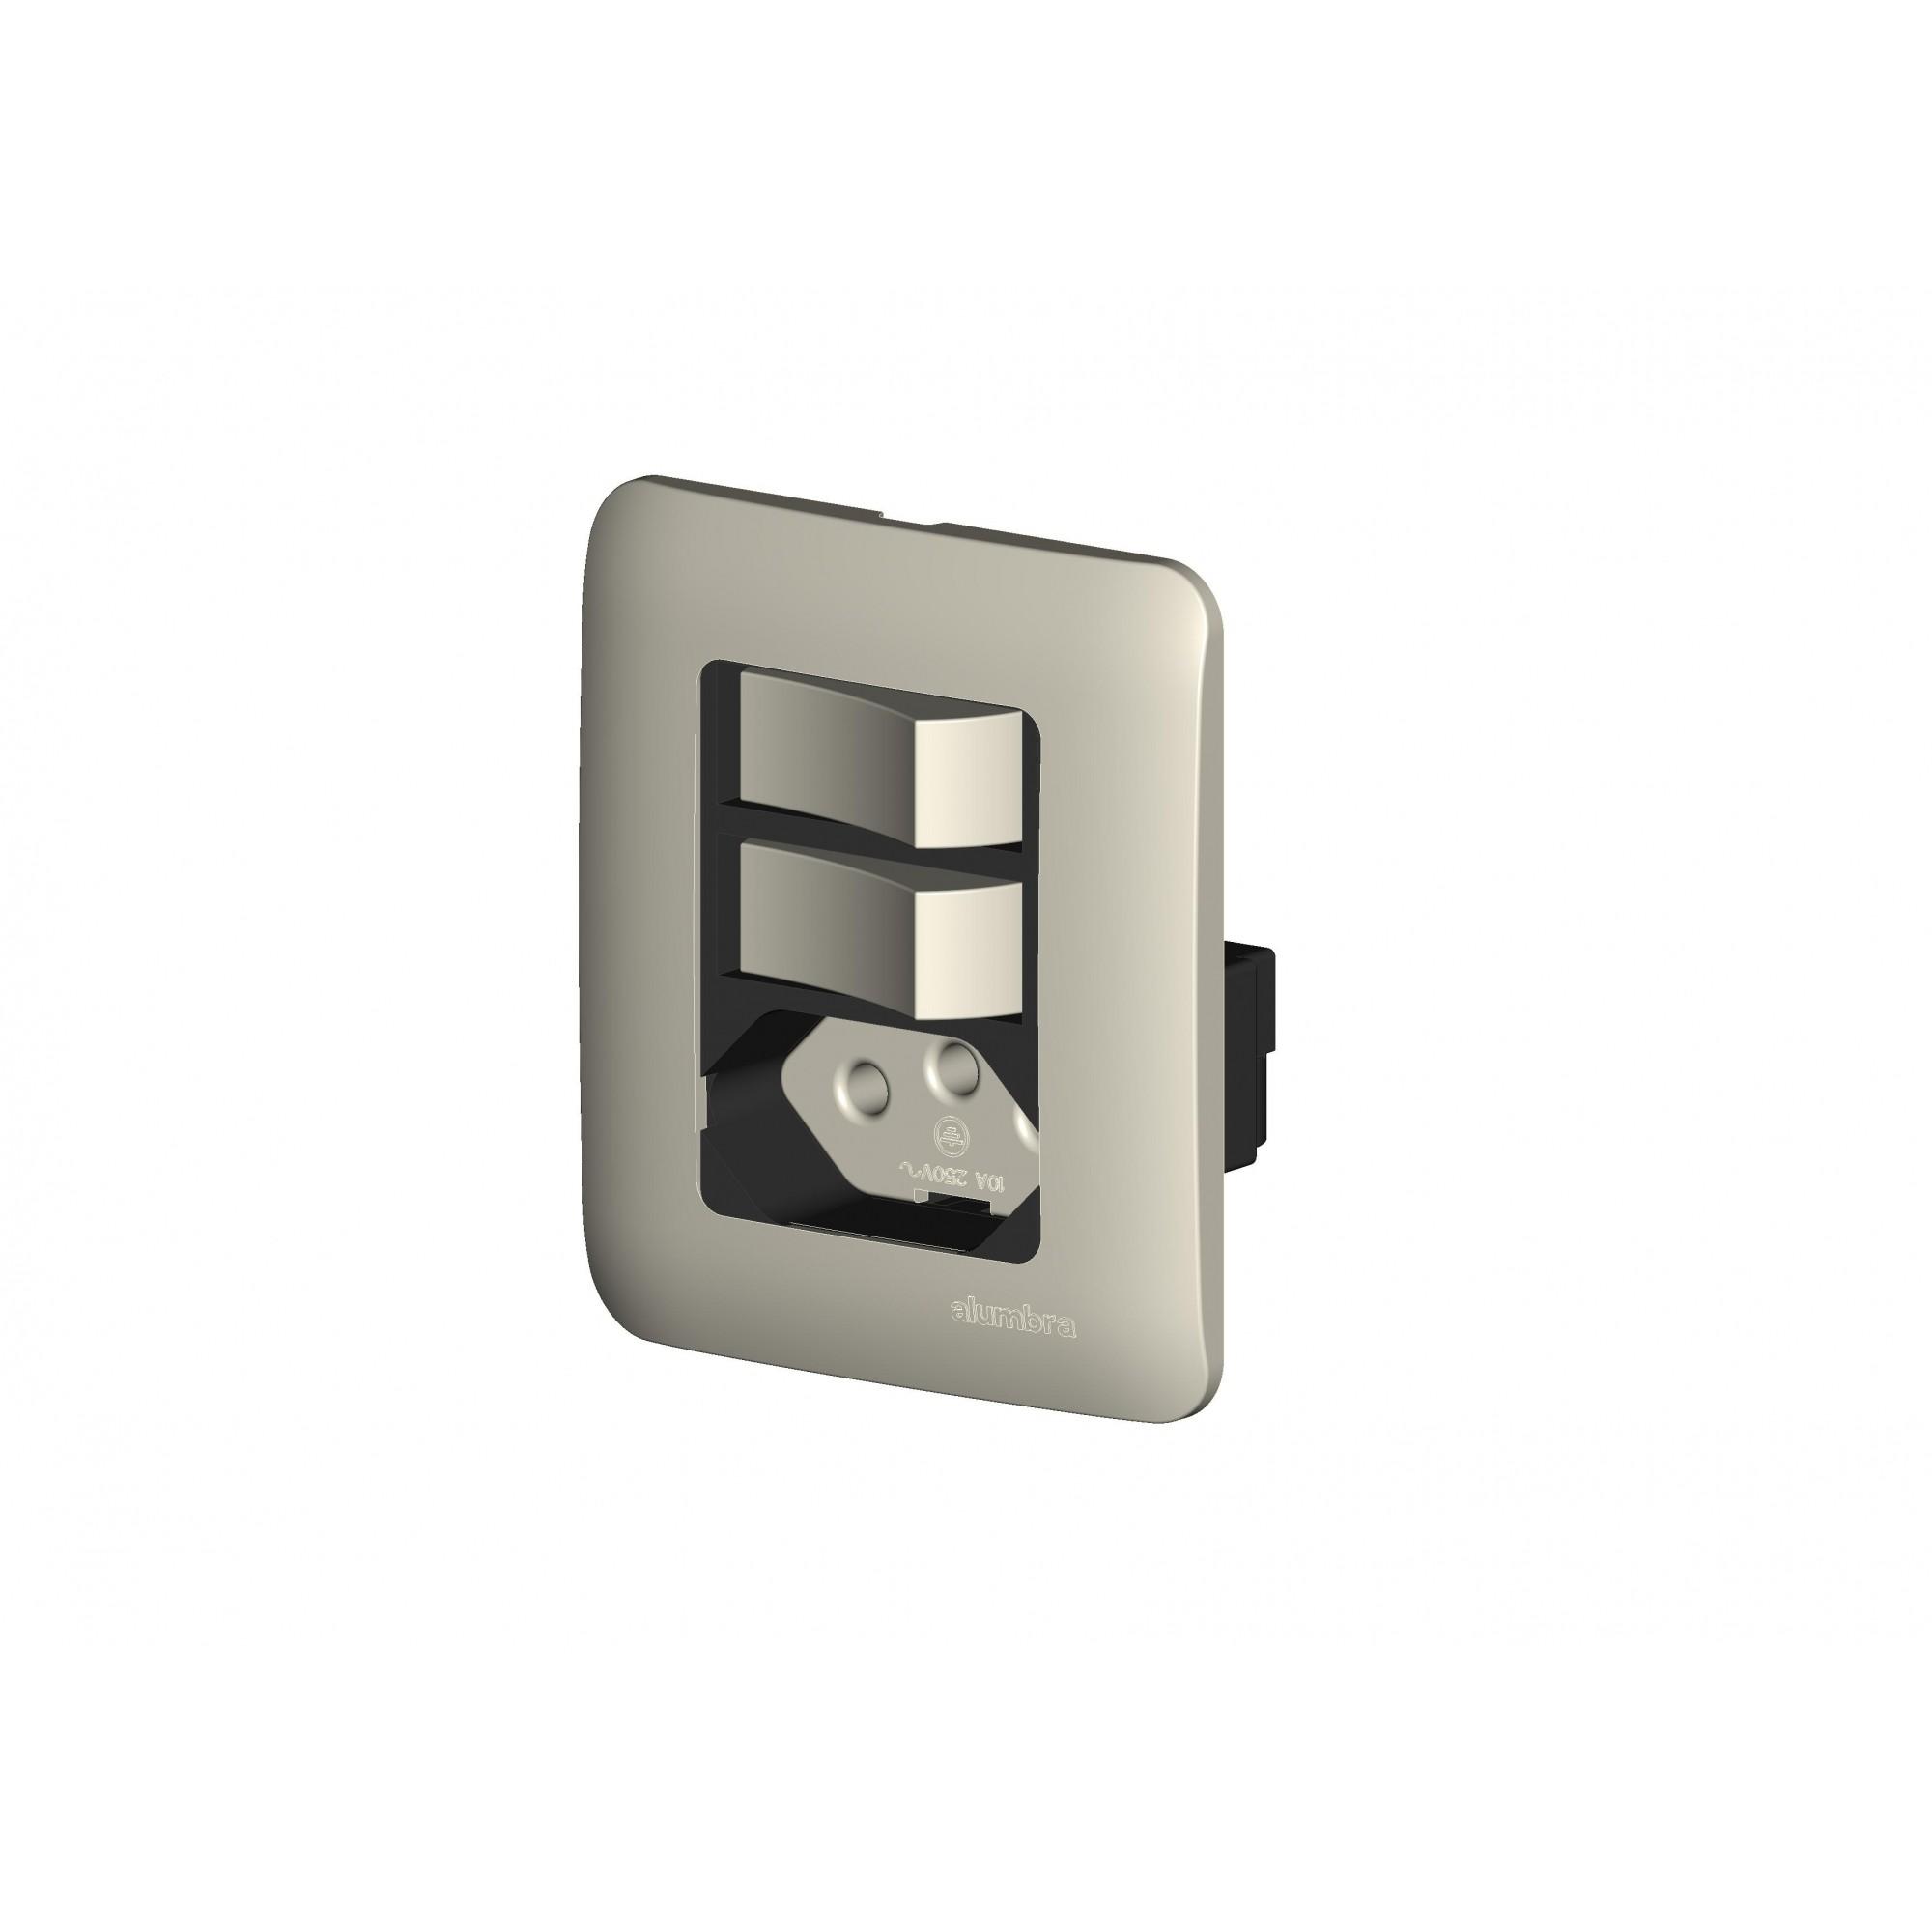 Conjunto De Sobrepor 2 Interruptores Simples + 1 Tomada 2P+T Com  Placa - Branco - Alumbra - Linha A